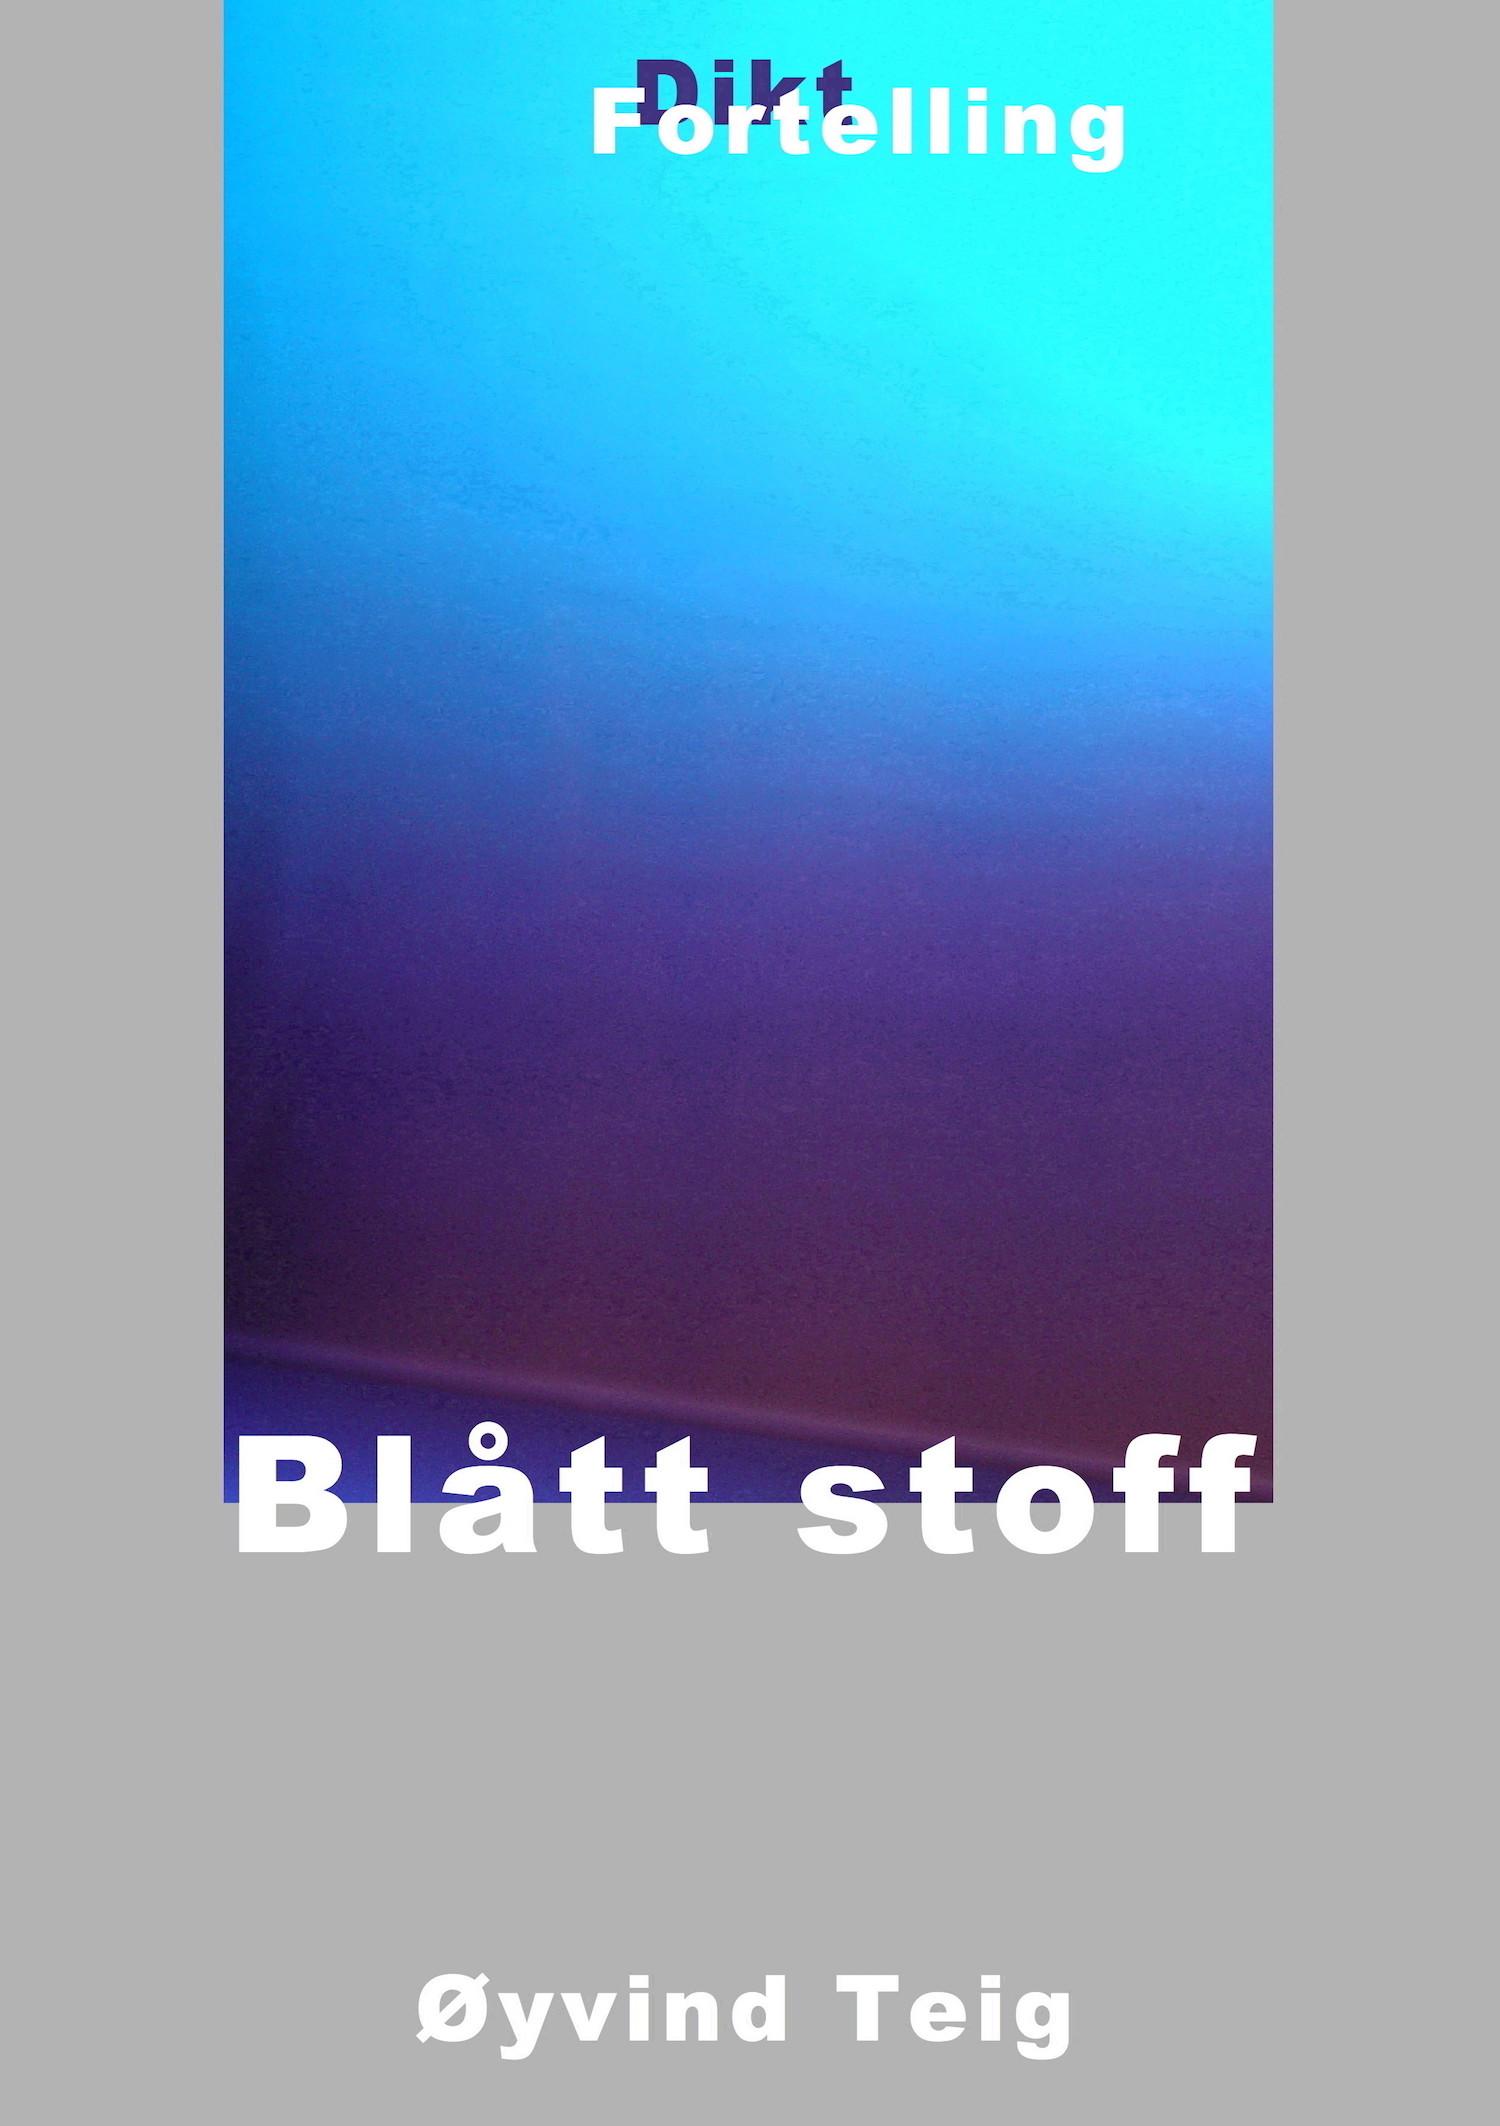 Blått stoff (2004)